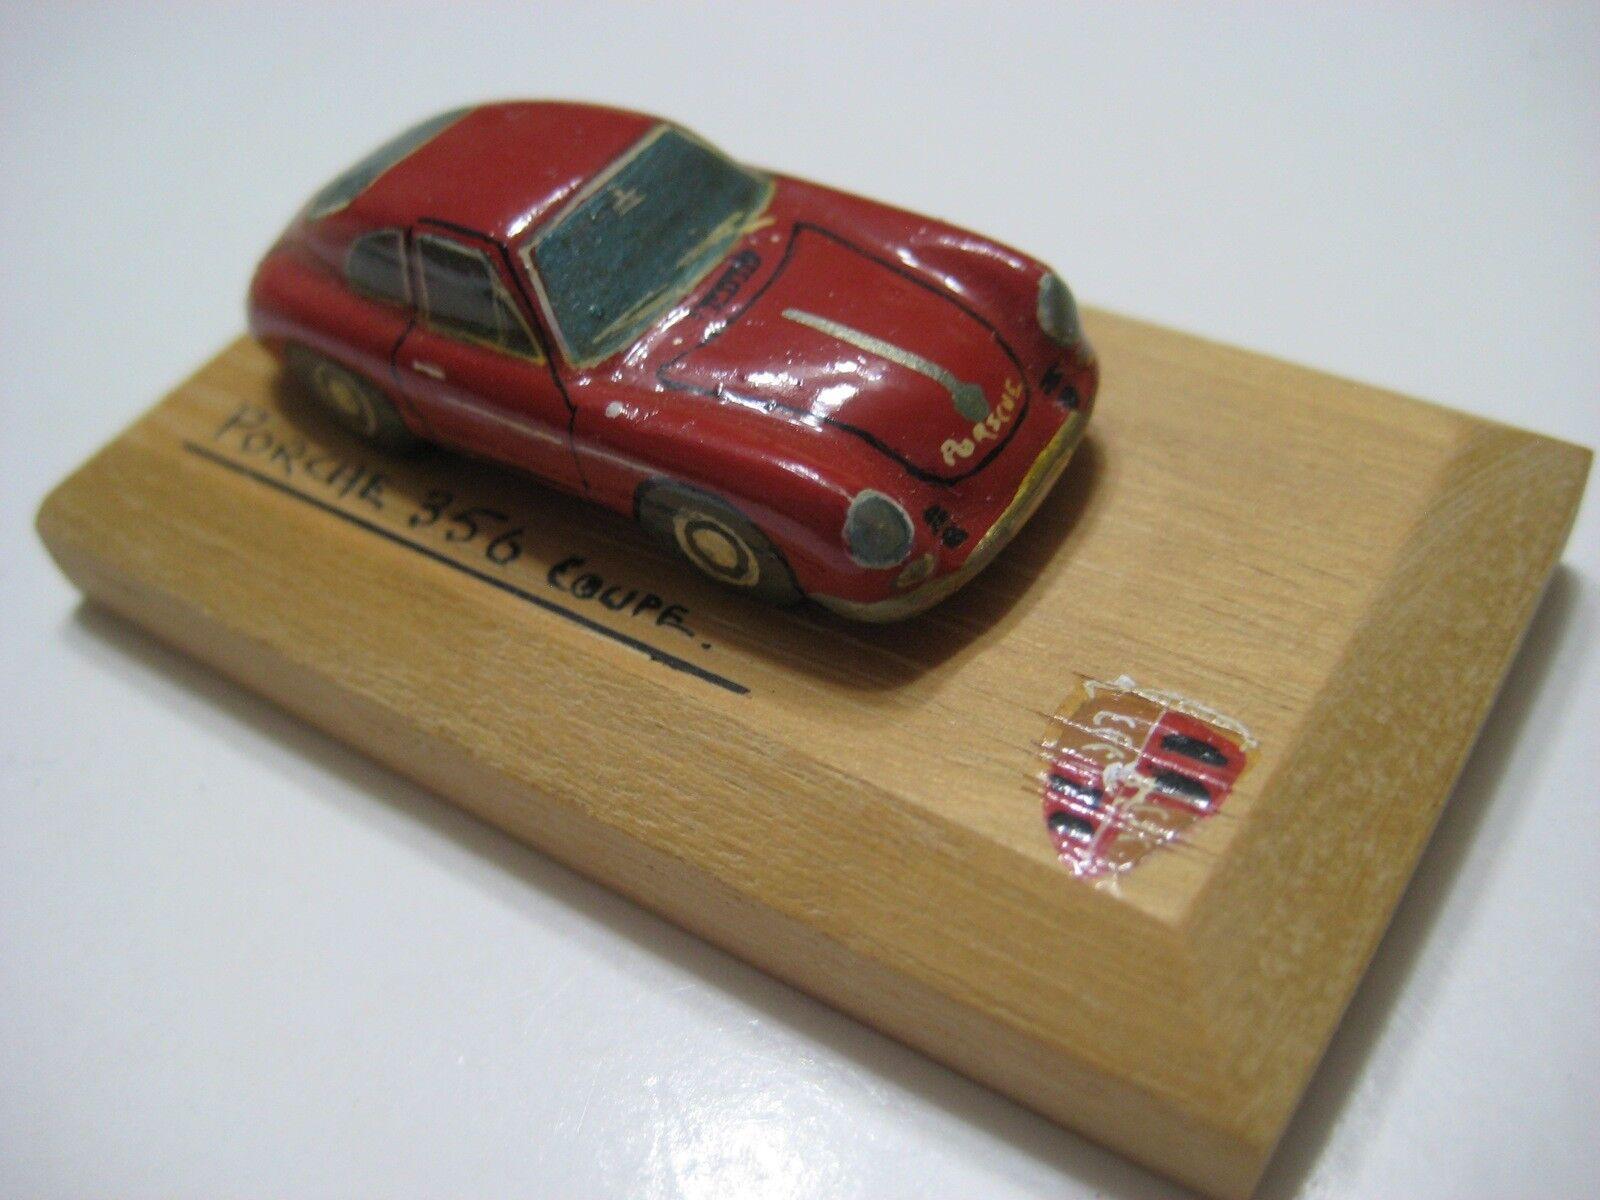 stradaace repliche Rosso PORSCHE 356 COUPE 1 100 GessoMOLTO RARO